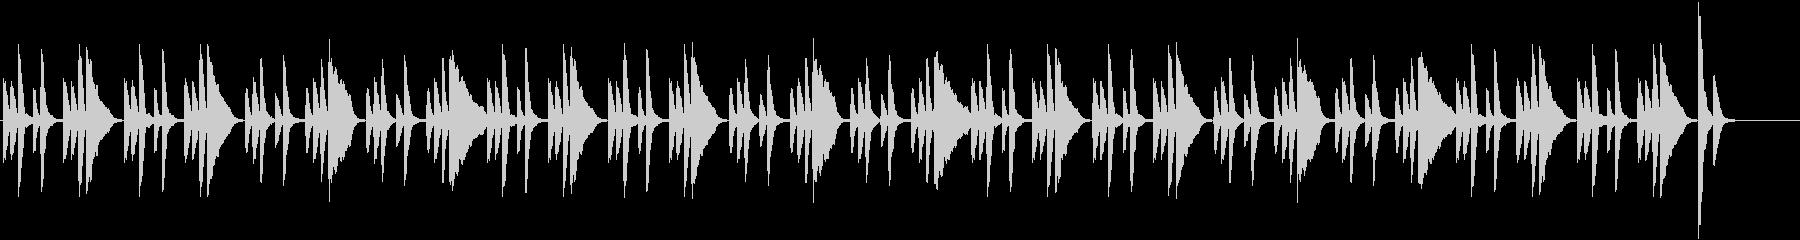 日常コミカル・シンプルで軽快なピアノの未再生の波形